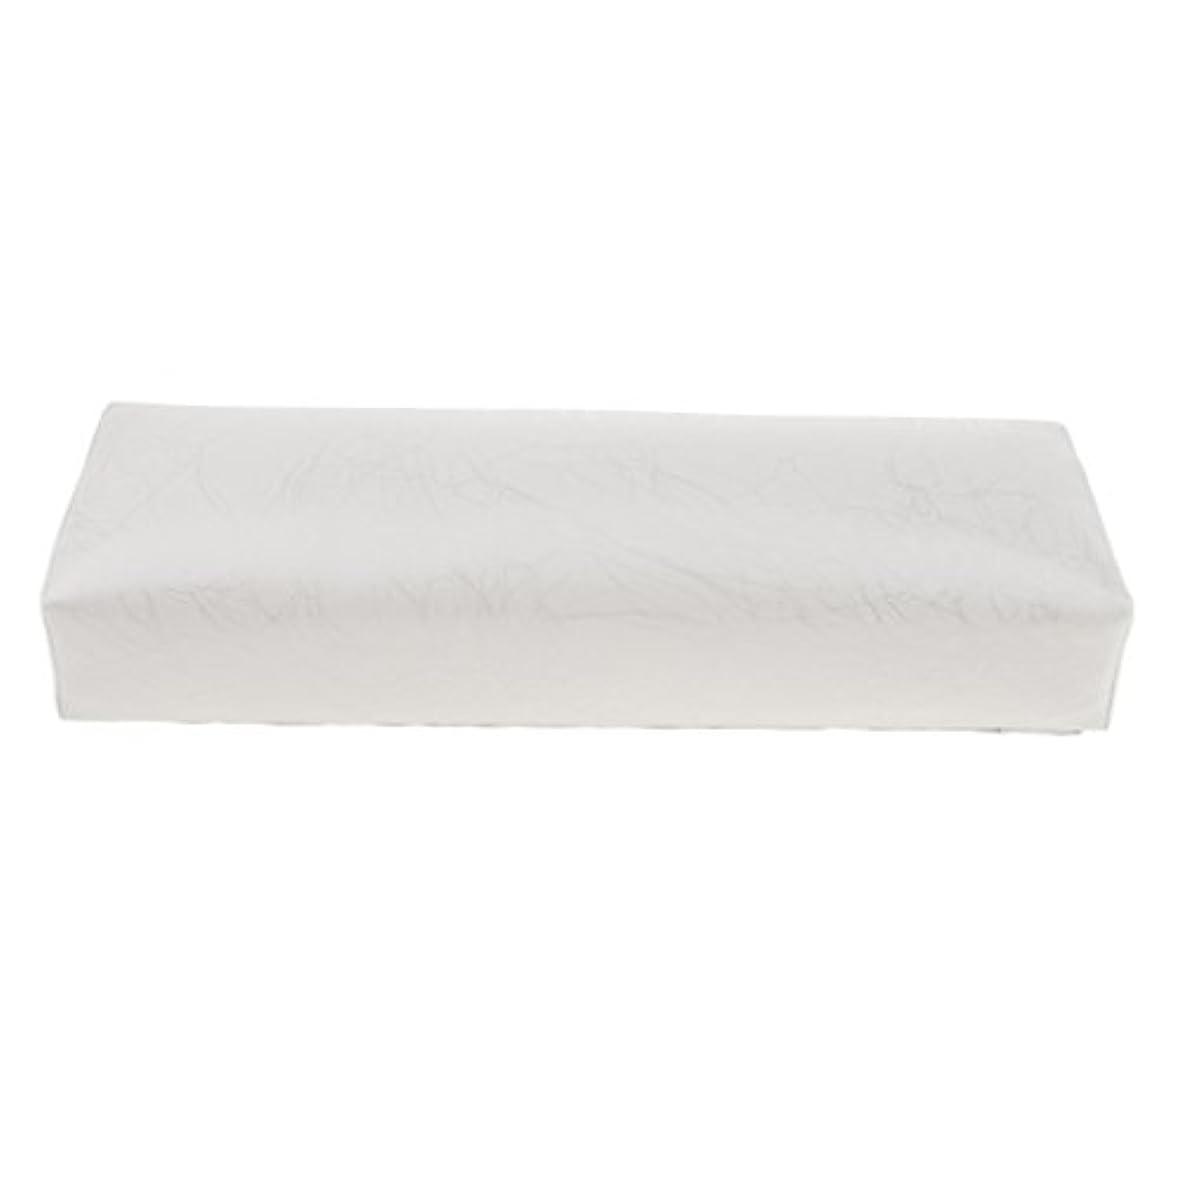 バンジージャンプ台風ぞっとするようなHomyl ハンドピロー ネイルアートピロー アームレストクッション ネイルアート デザイン ハンドレスト 全4色 - 白